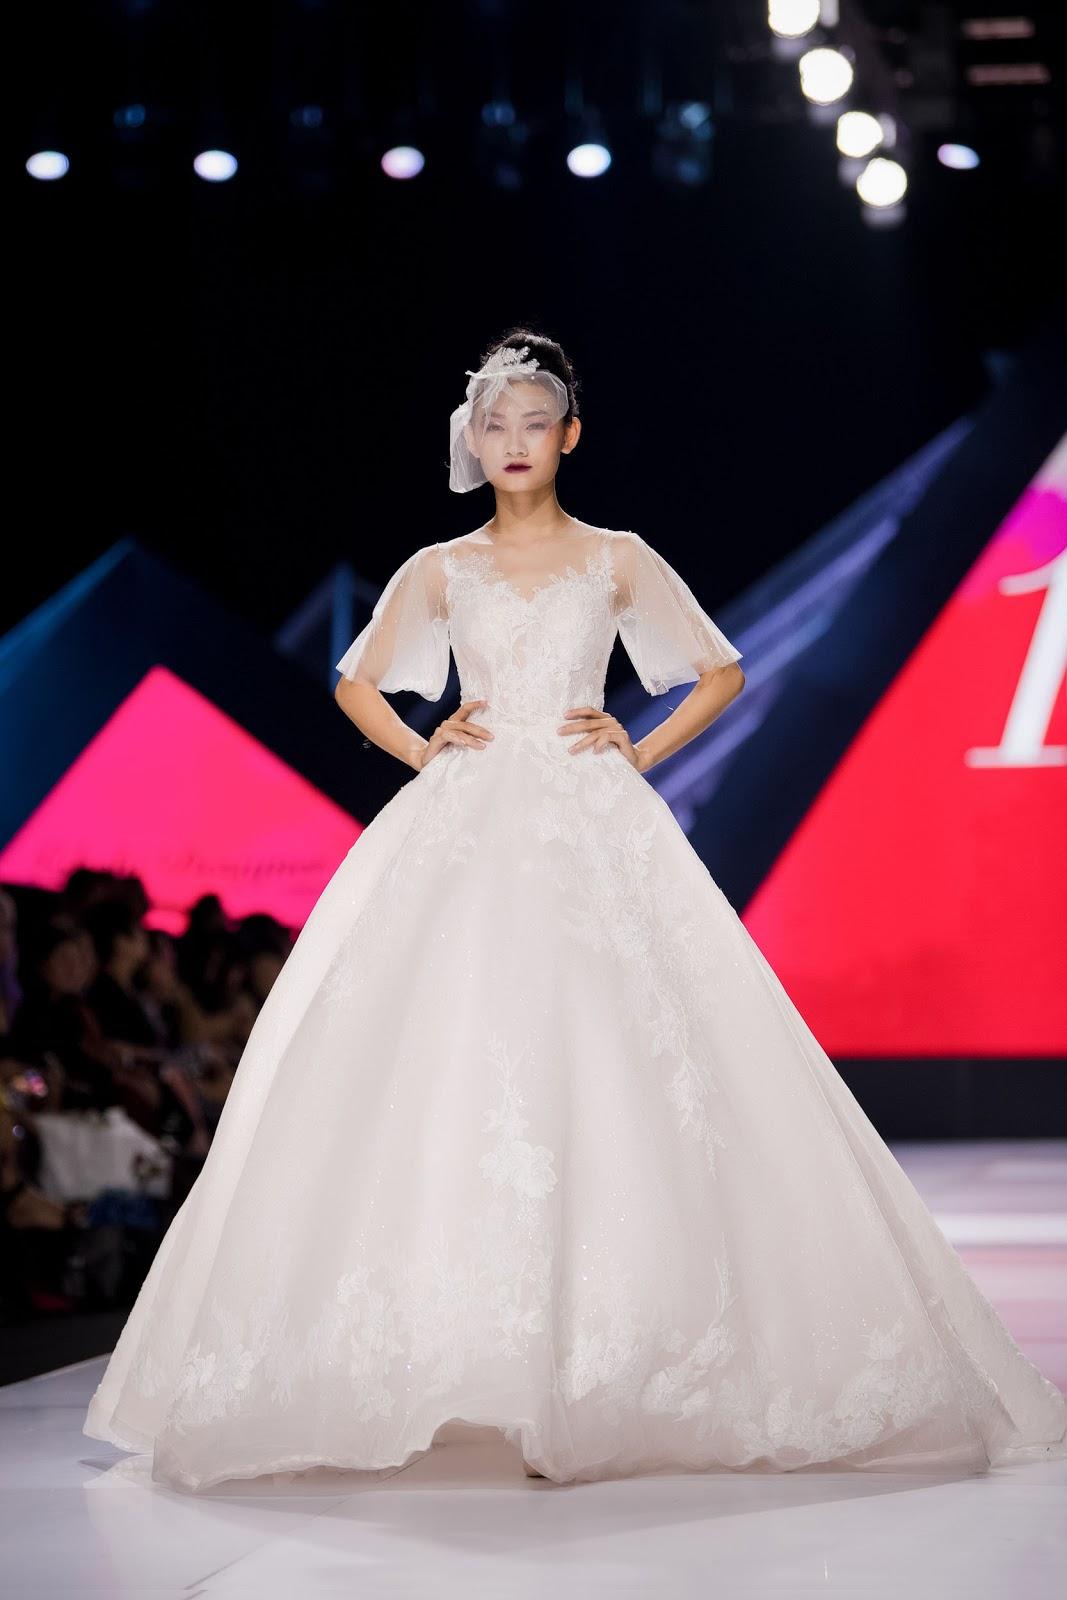 Phillip Nguyễn tình tứ cổ vũ Linh Rin diễn thời trang, Mợ Hai Cao Thái Hà lột xác khi mở màn - Hình 5